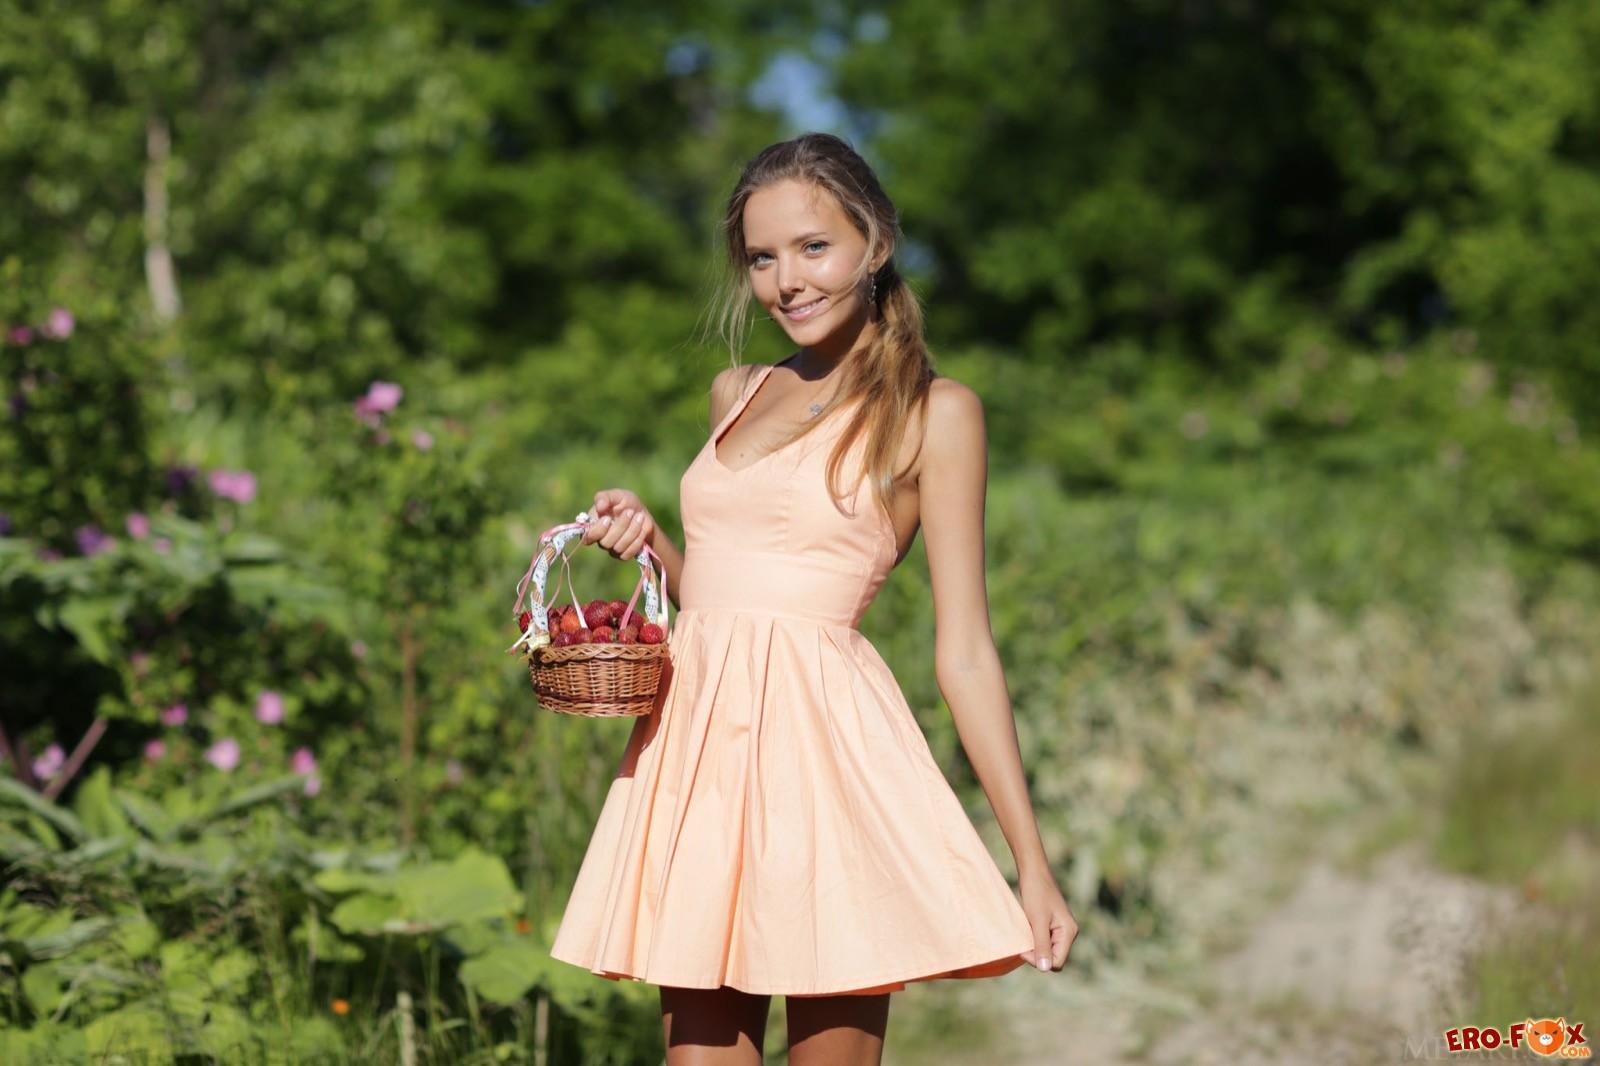 Худышка в платье показала попочку на природе